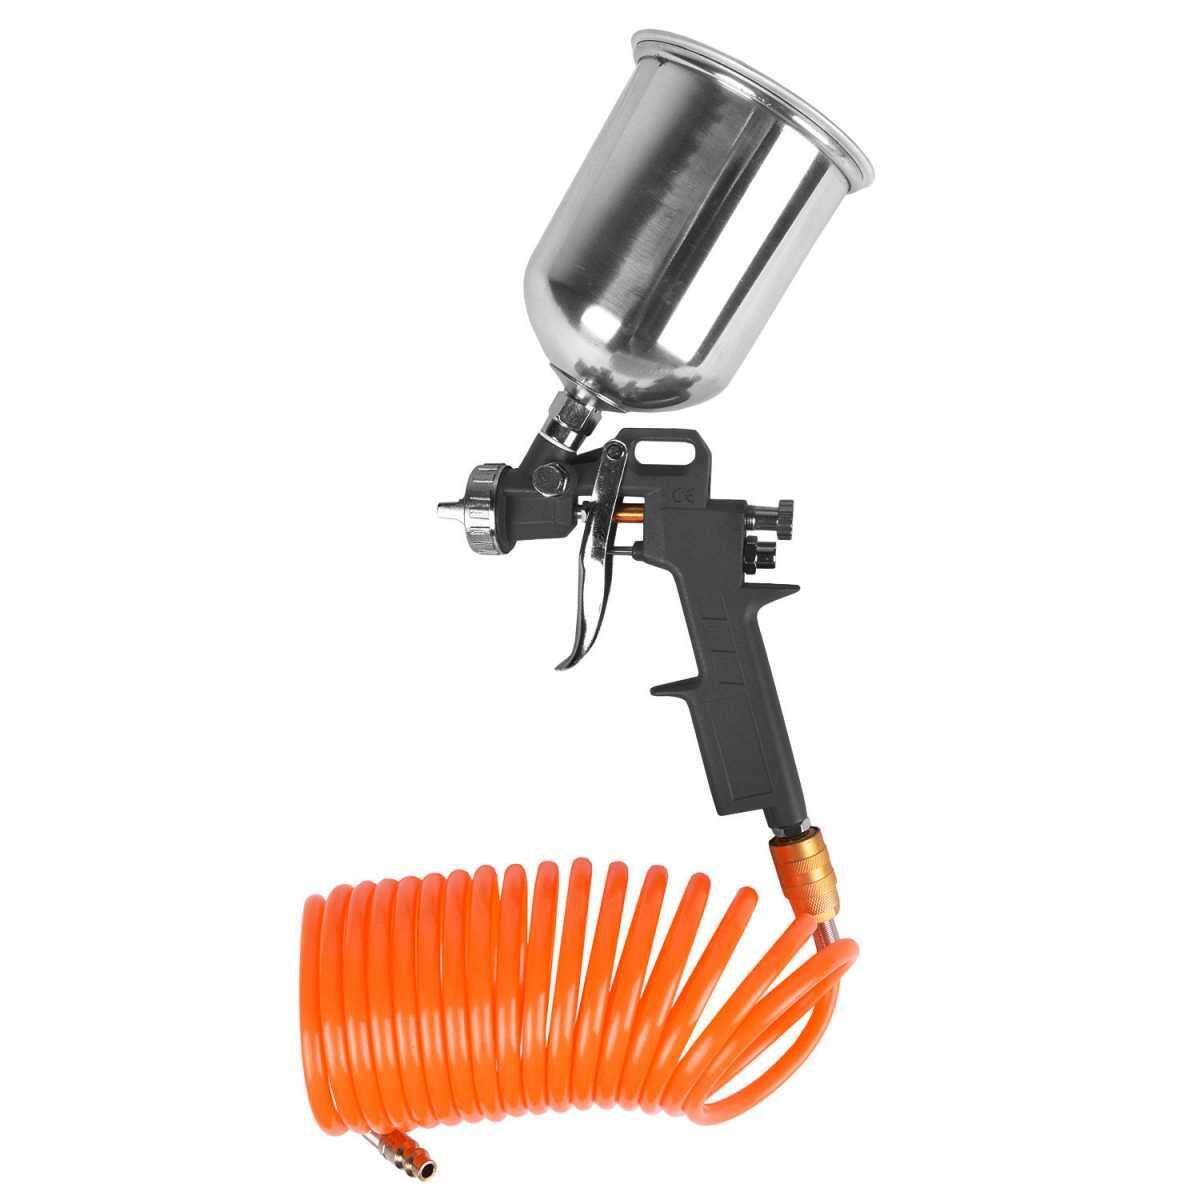 Kit de Acessórios para Motocompressor Motomil 4 Peças